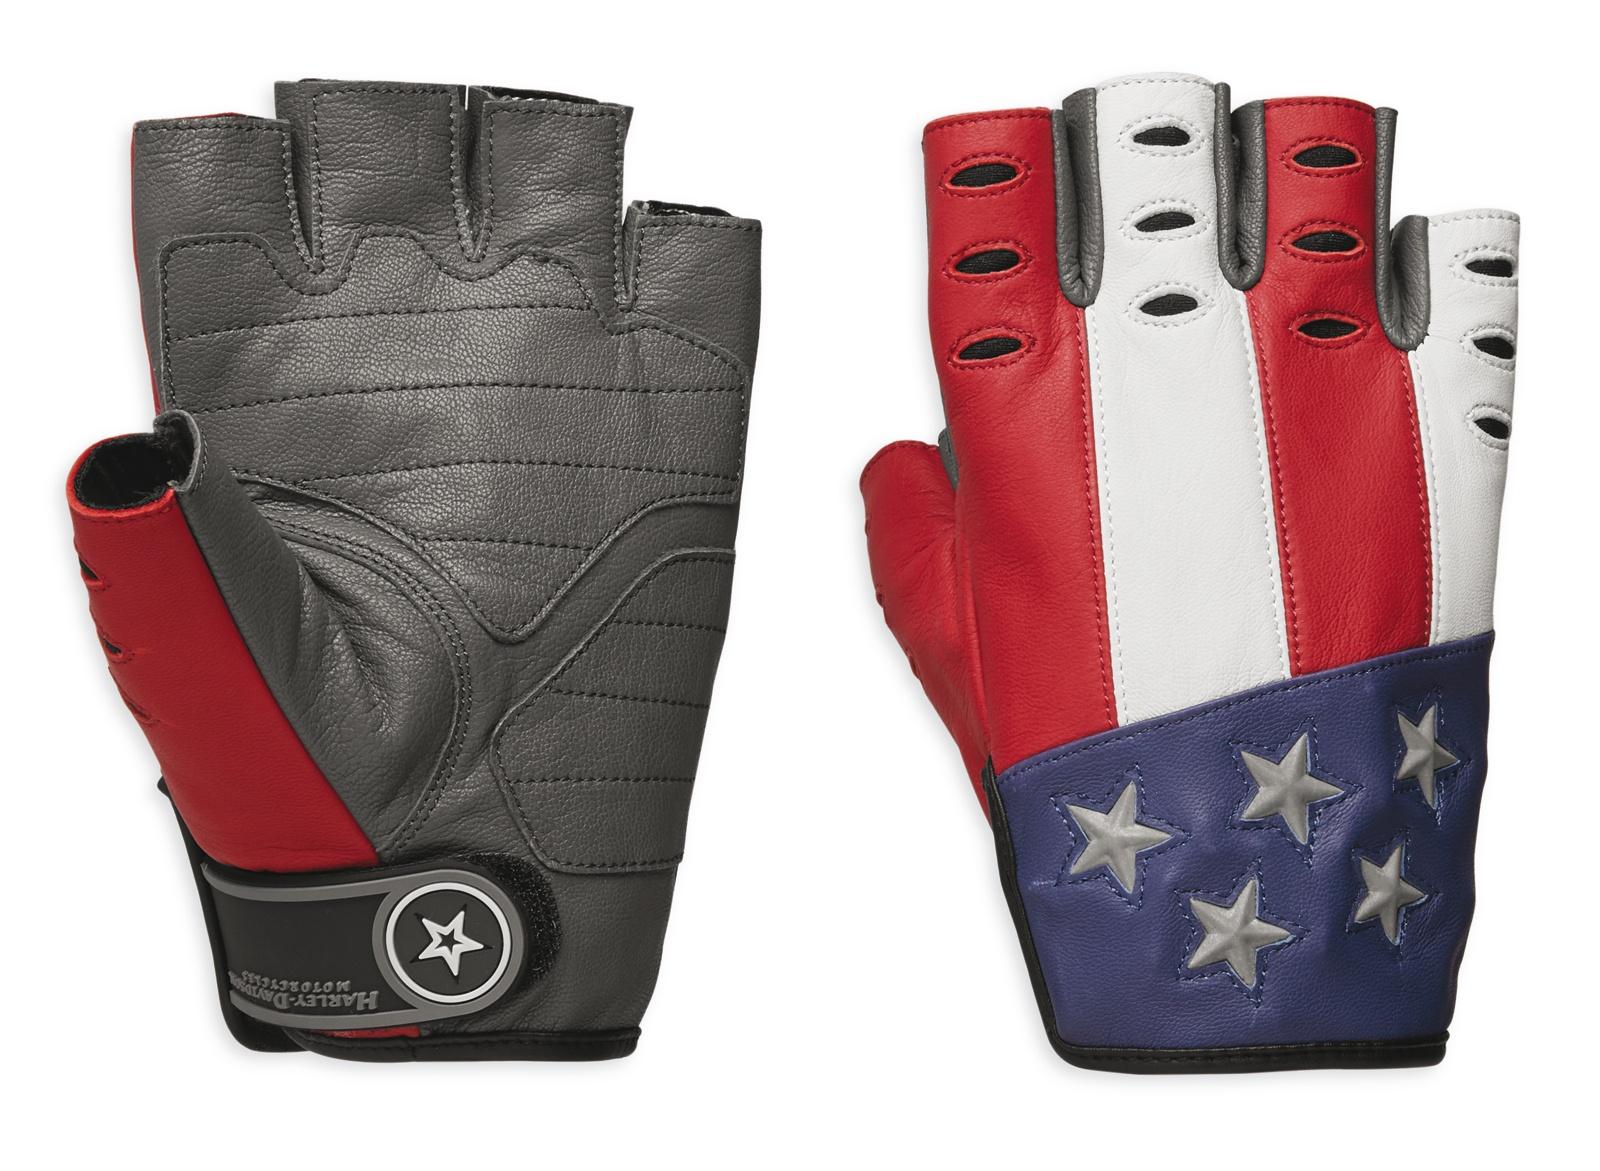 98106 19vm harley davidson handschuhe patriot fingerlos im. Black Bedroom Furniture Sets. Home Design Ideas